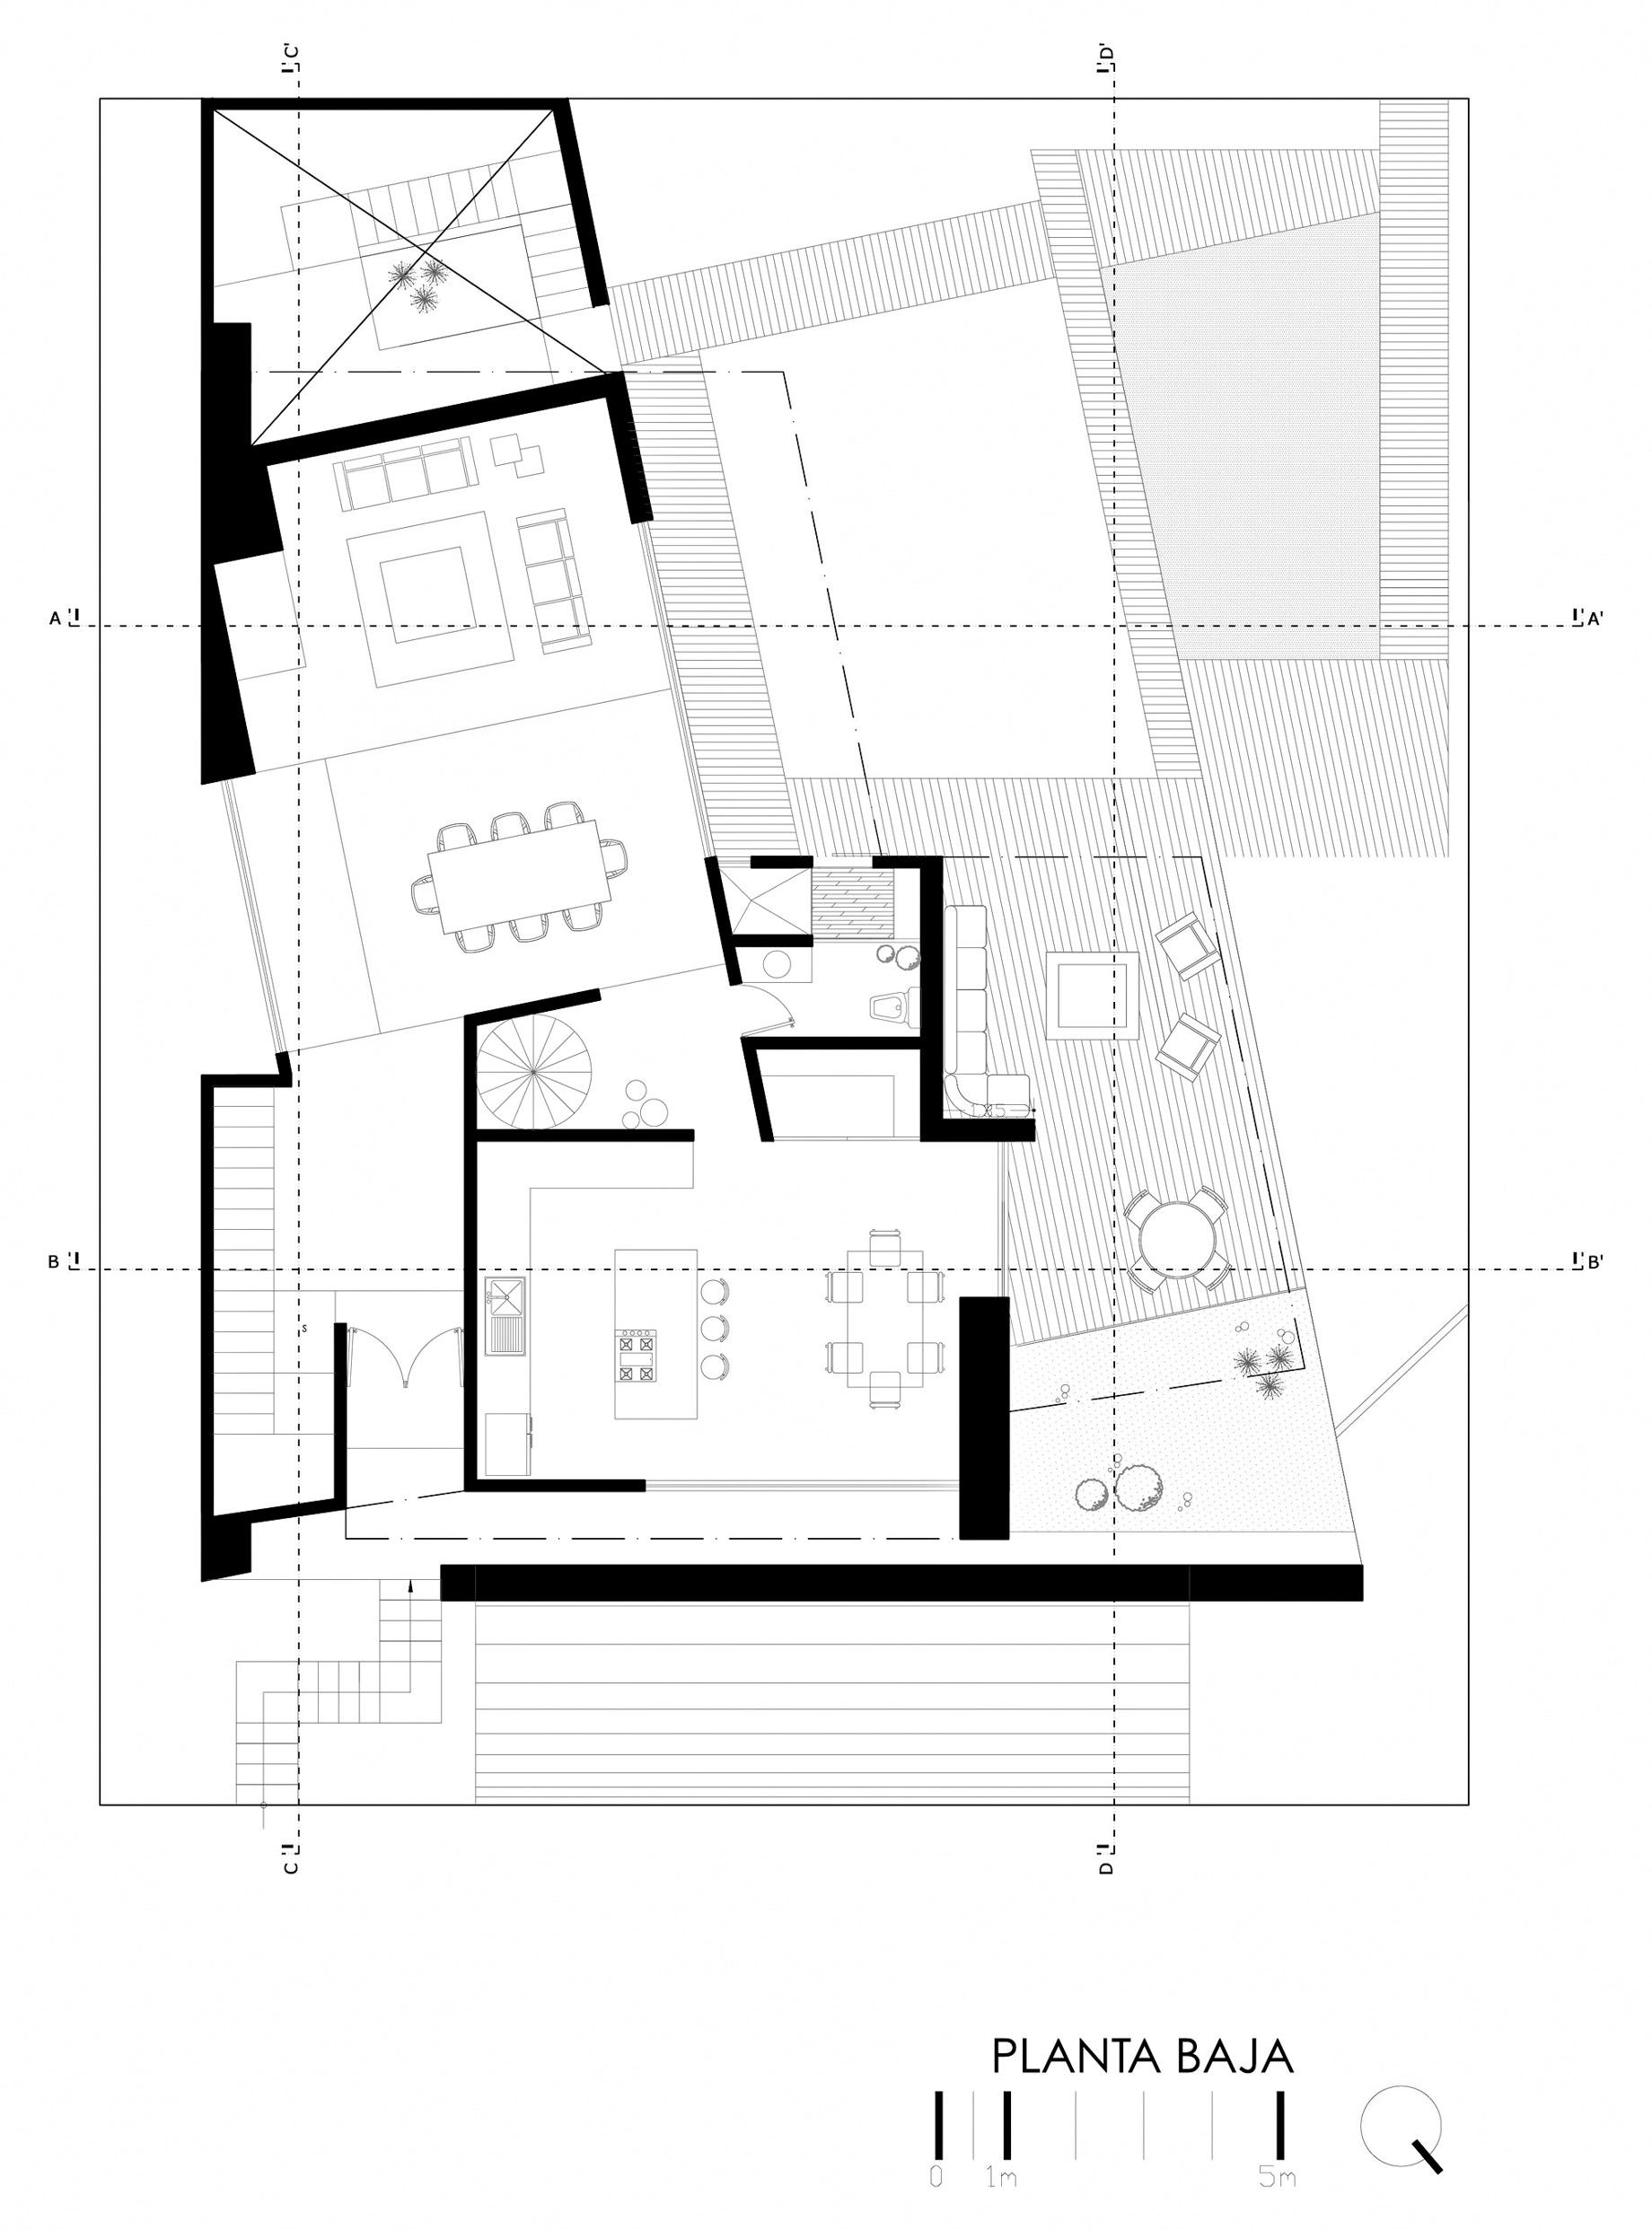 Floor Plans - Vista Clara Luxury Residence - Puebla, Mexico